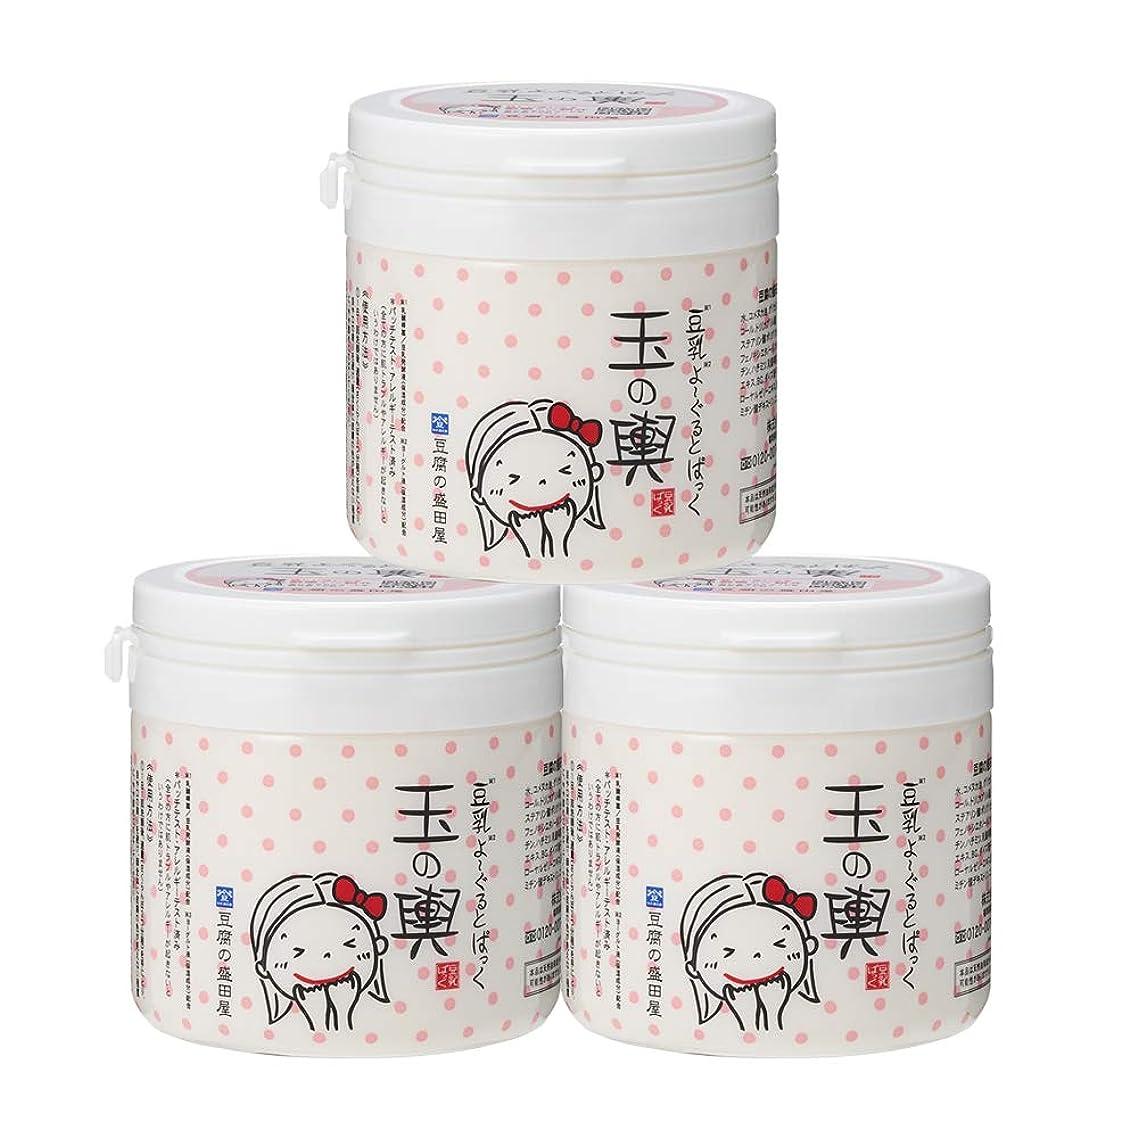 注意下に真空豆腐の盛田屋 豆乳よーぐるとぱっく 玉の輿 150g×3個セット